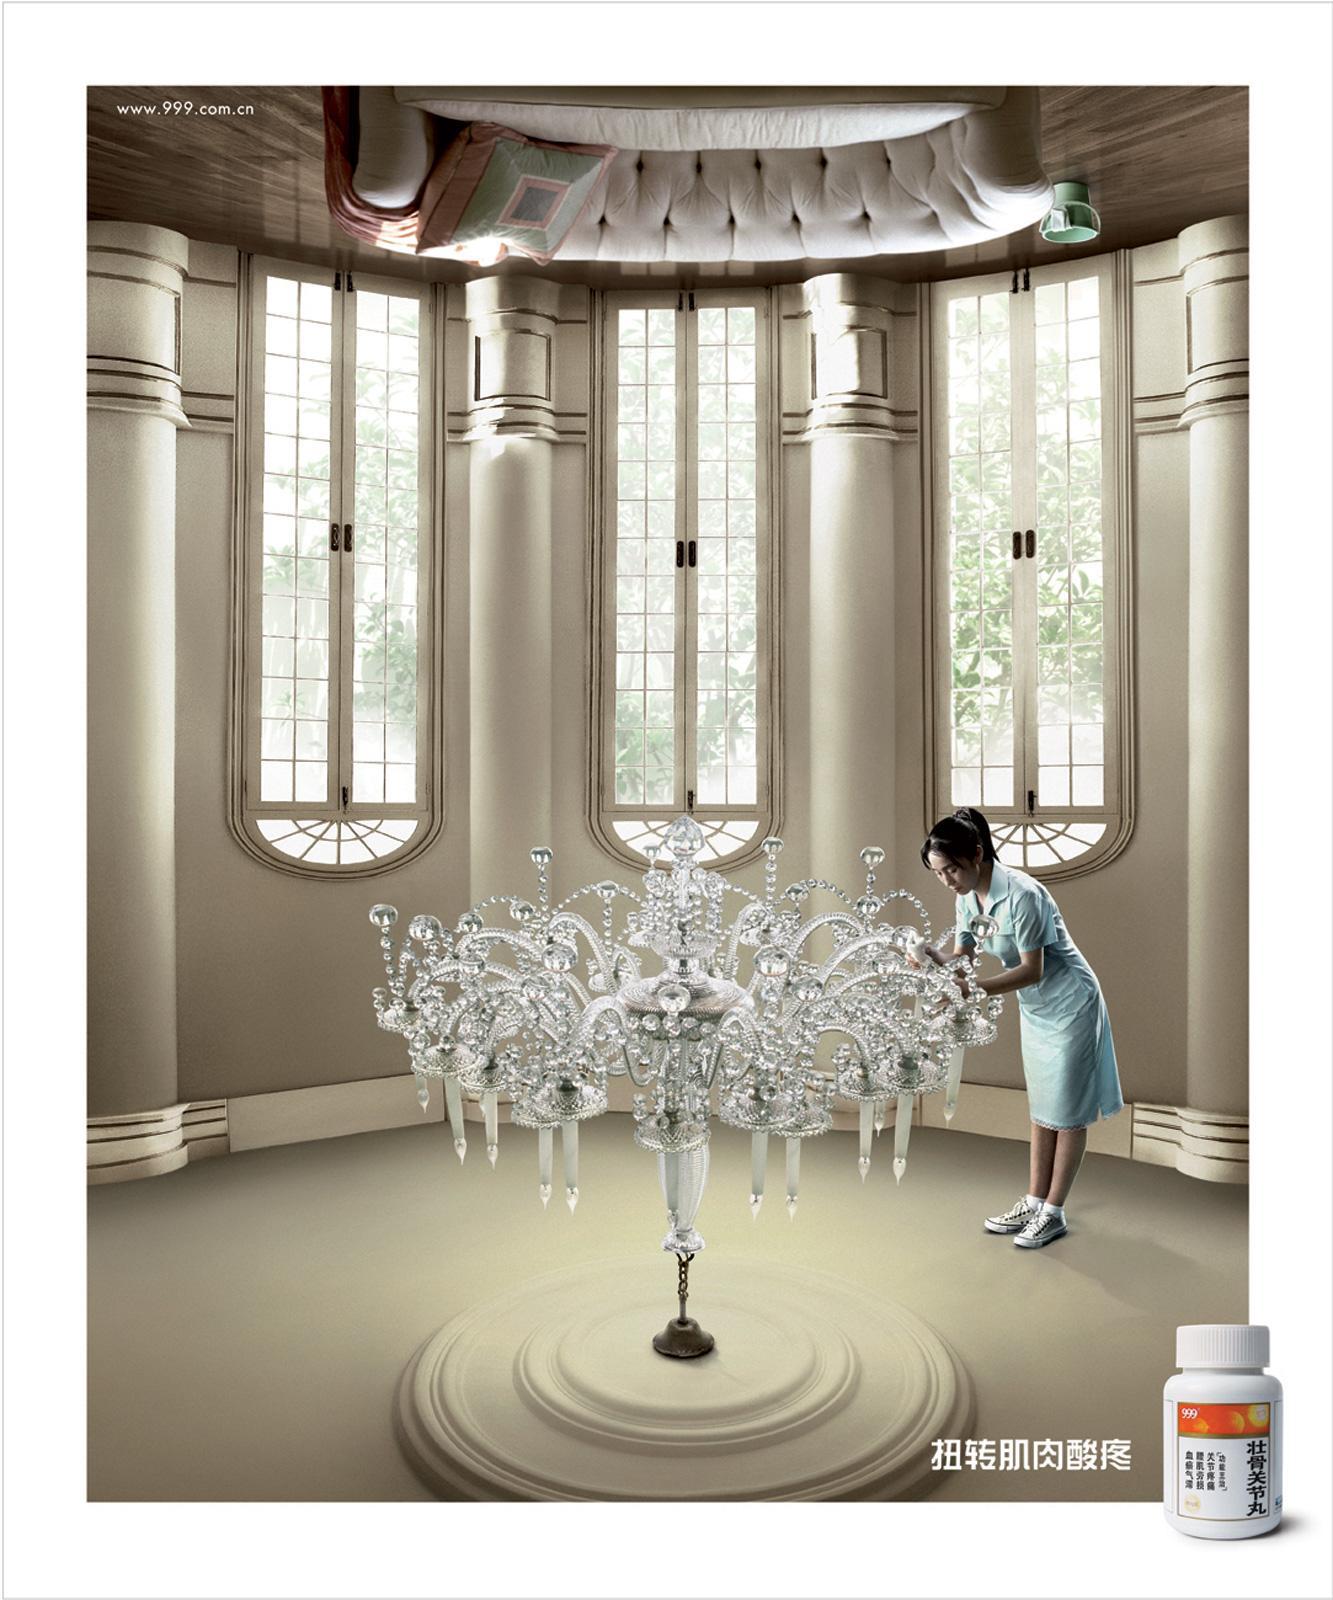 Sanjiu Print Ad -  Cleaner